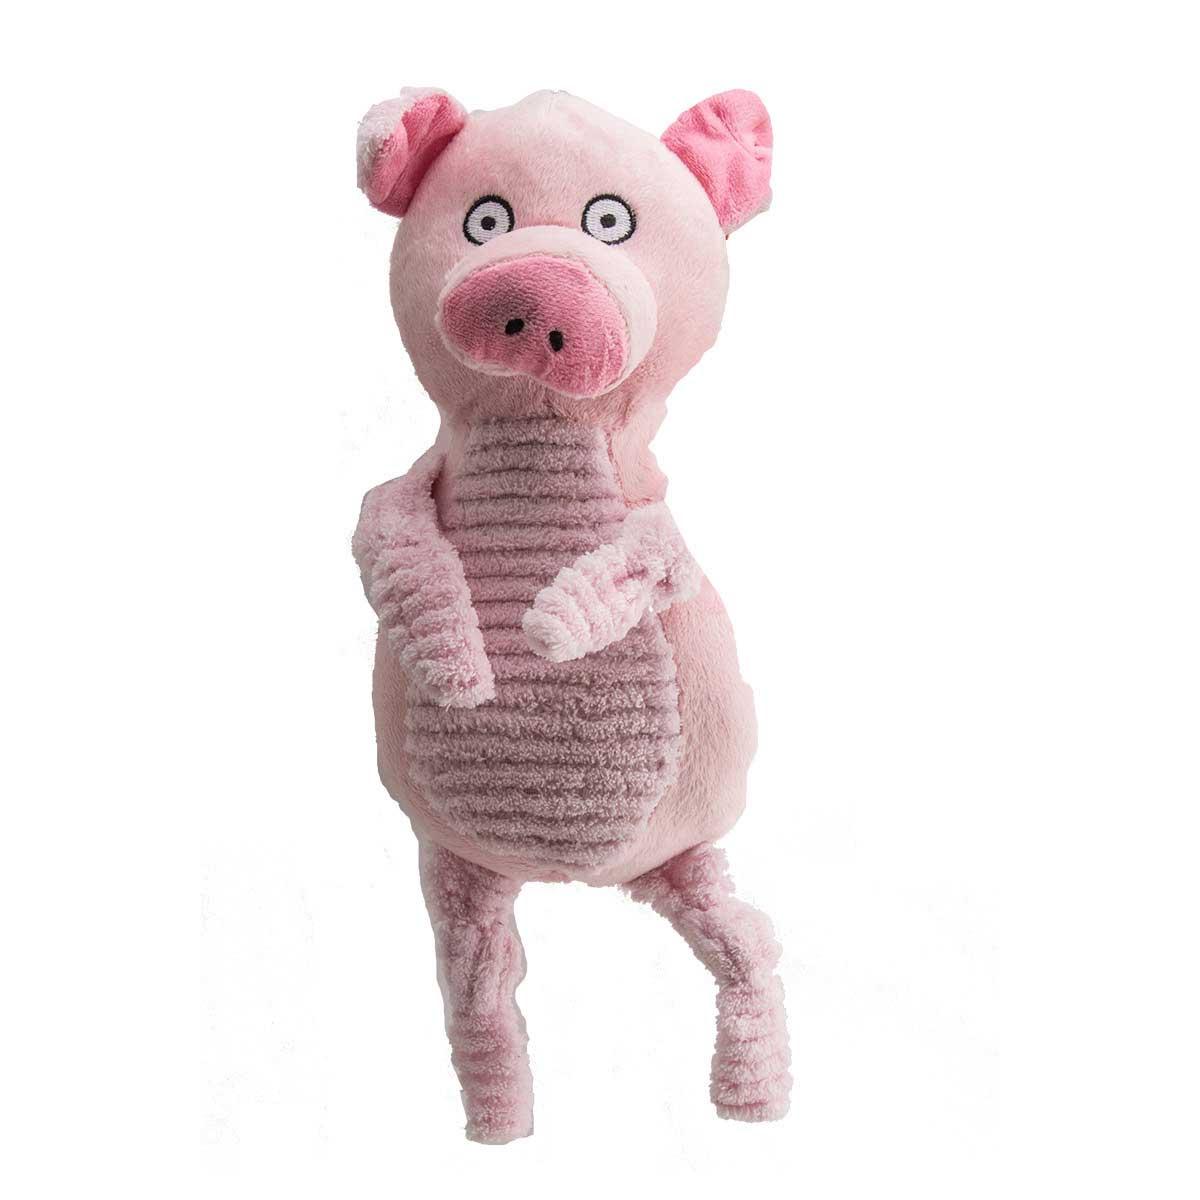 13 inch Dawgeee Toy Plush Farm Buddies Pig Dog Toy